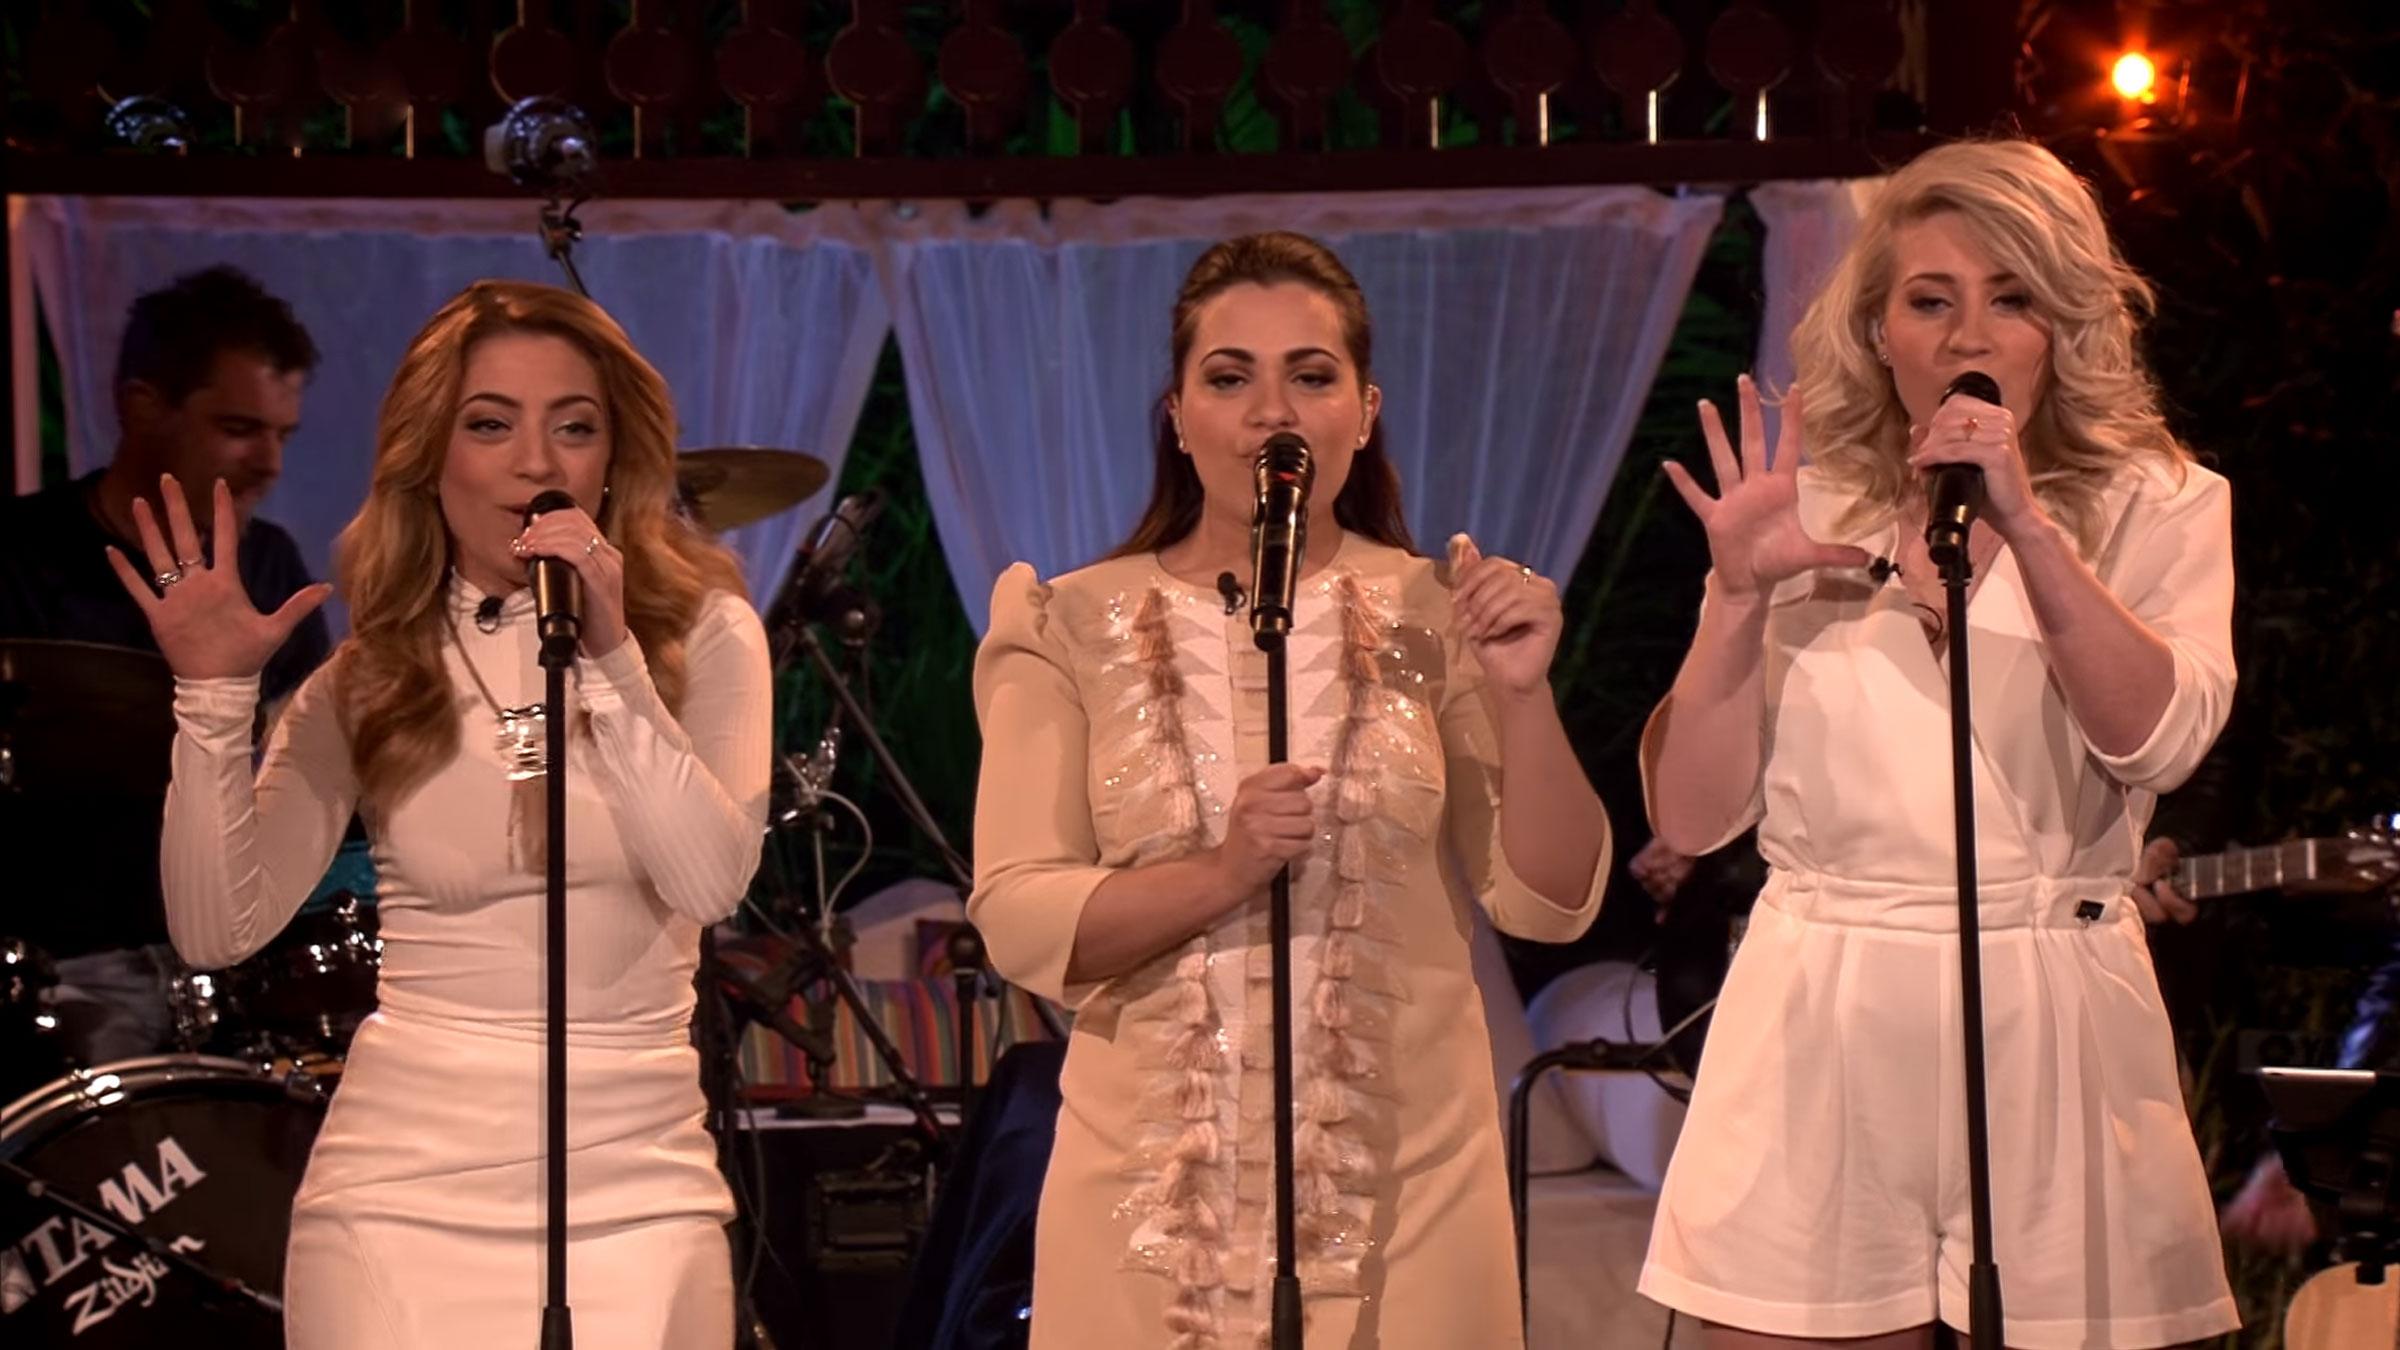 Ogene bestezanger  sing teaser